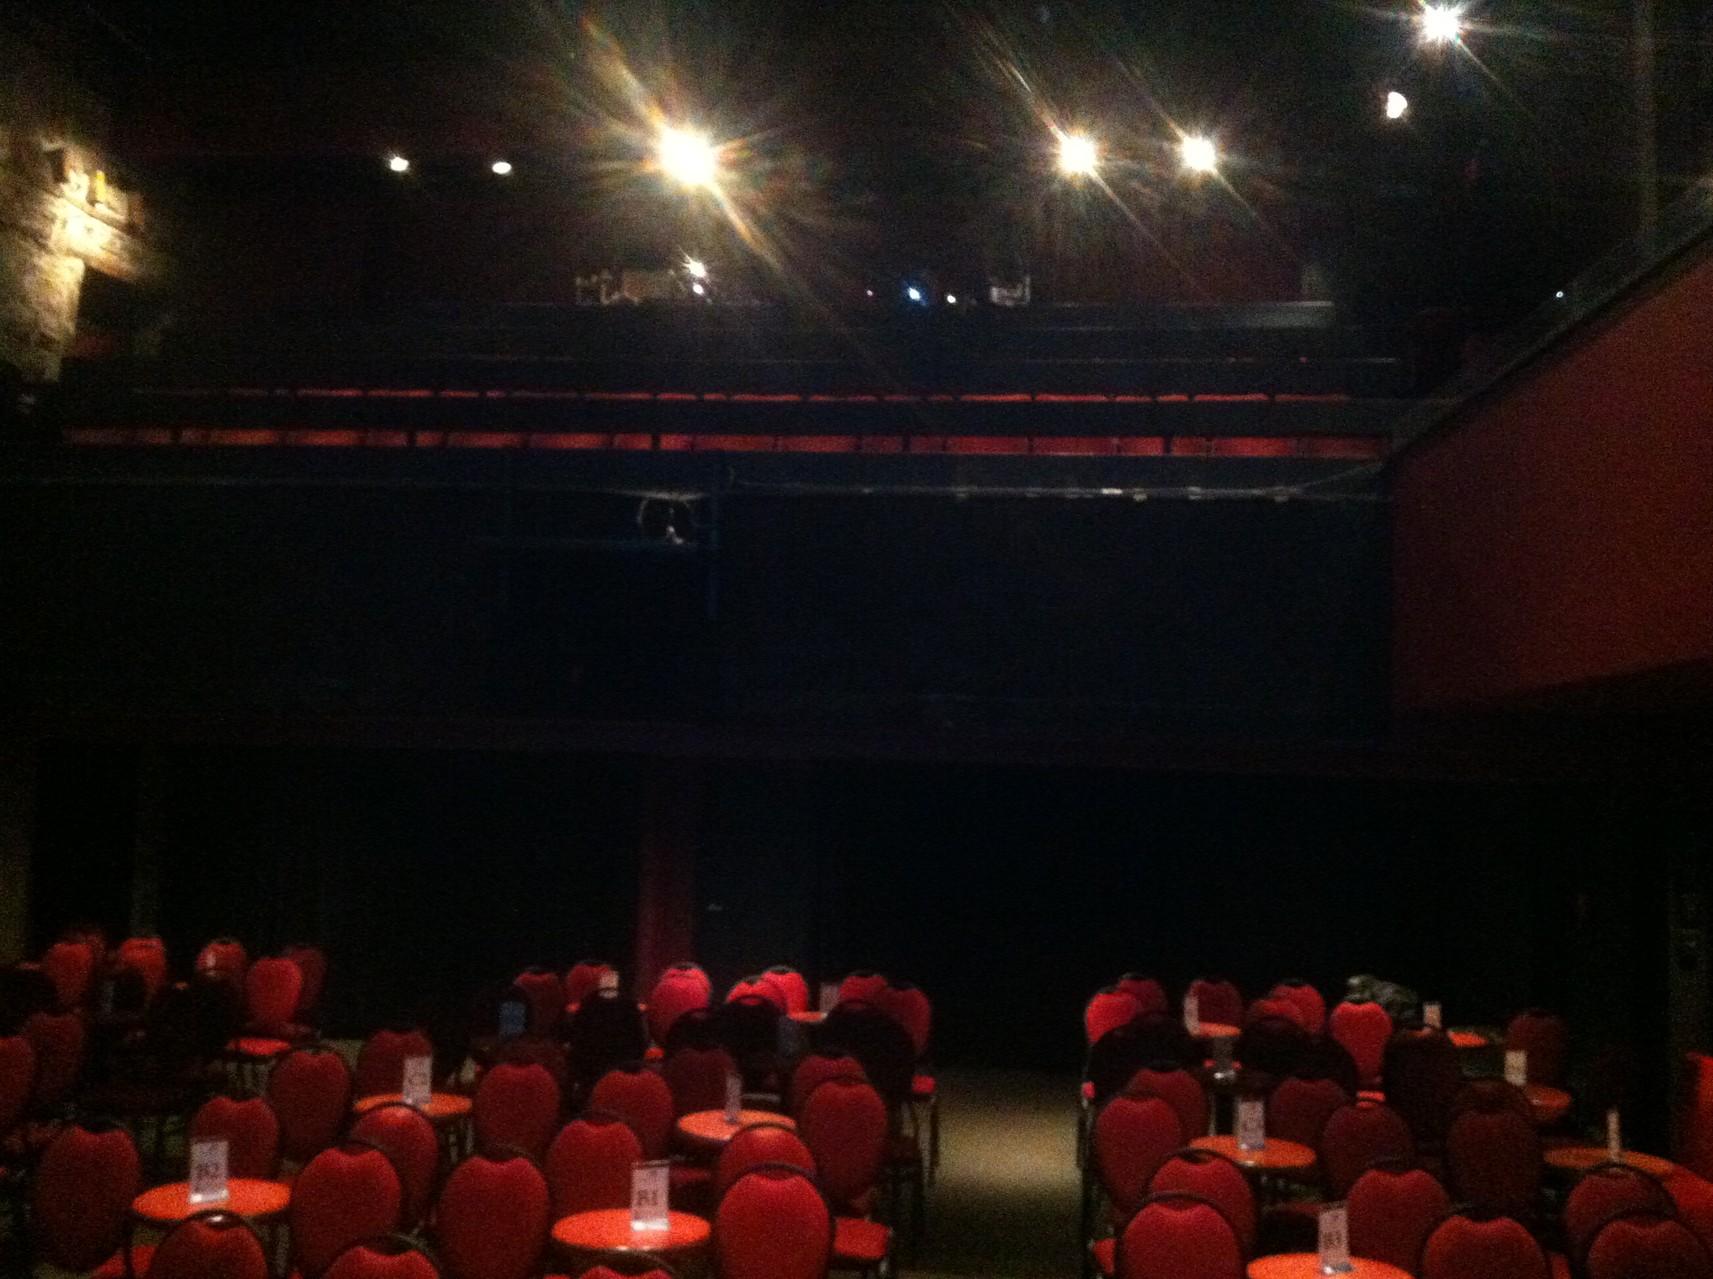 Live at Théâtre Petit Champlain - November 2013